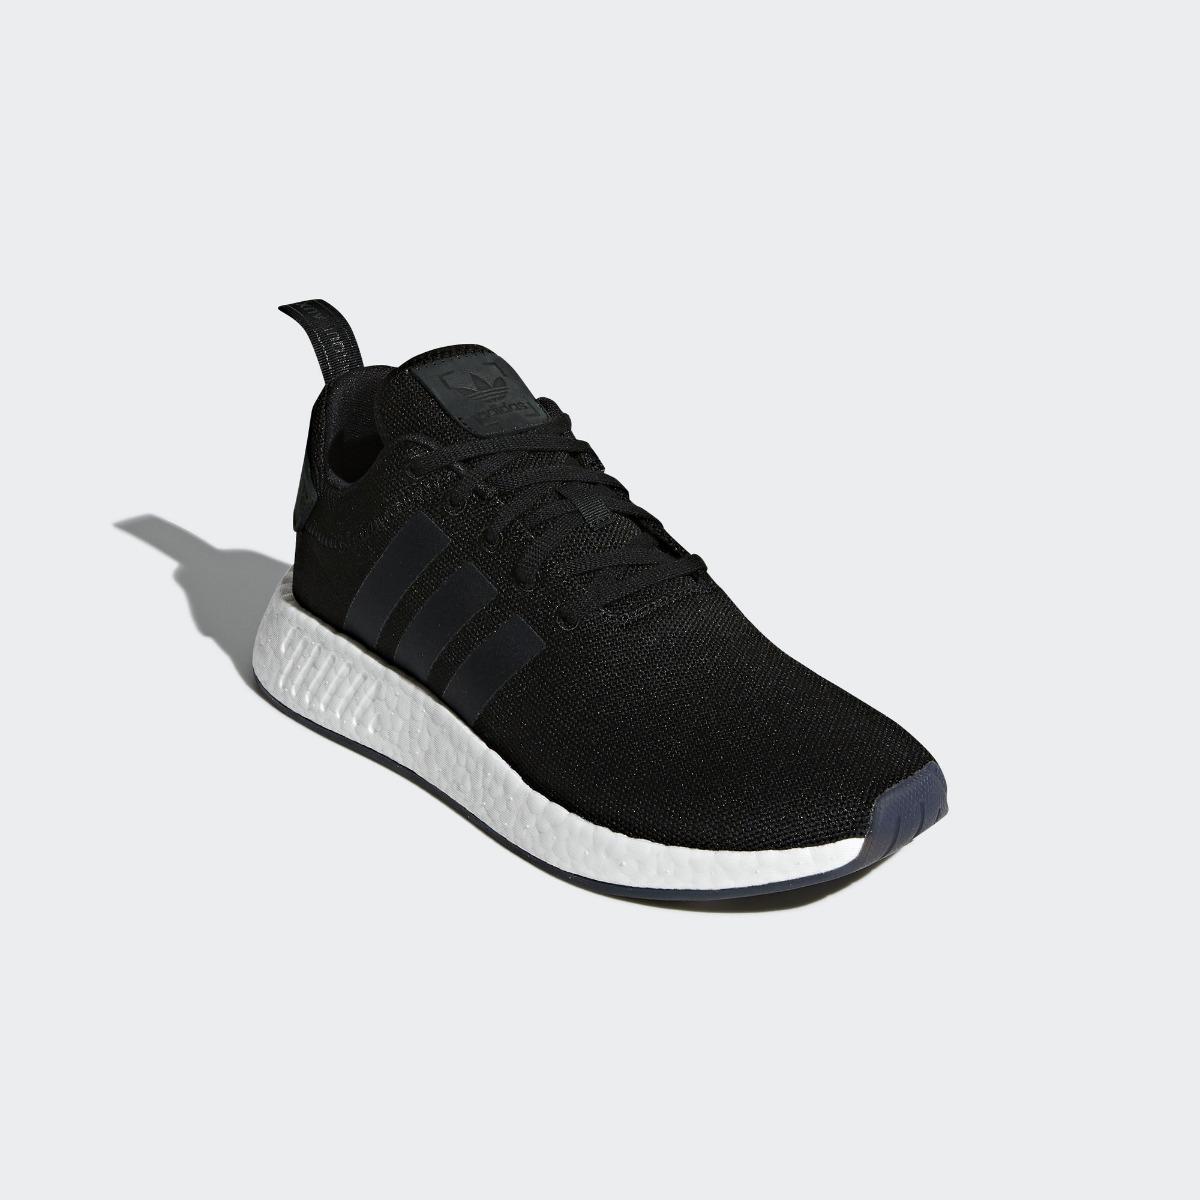 adidas nmd r2 black gym